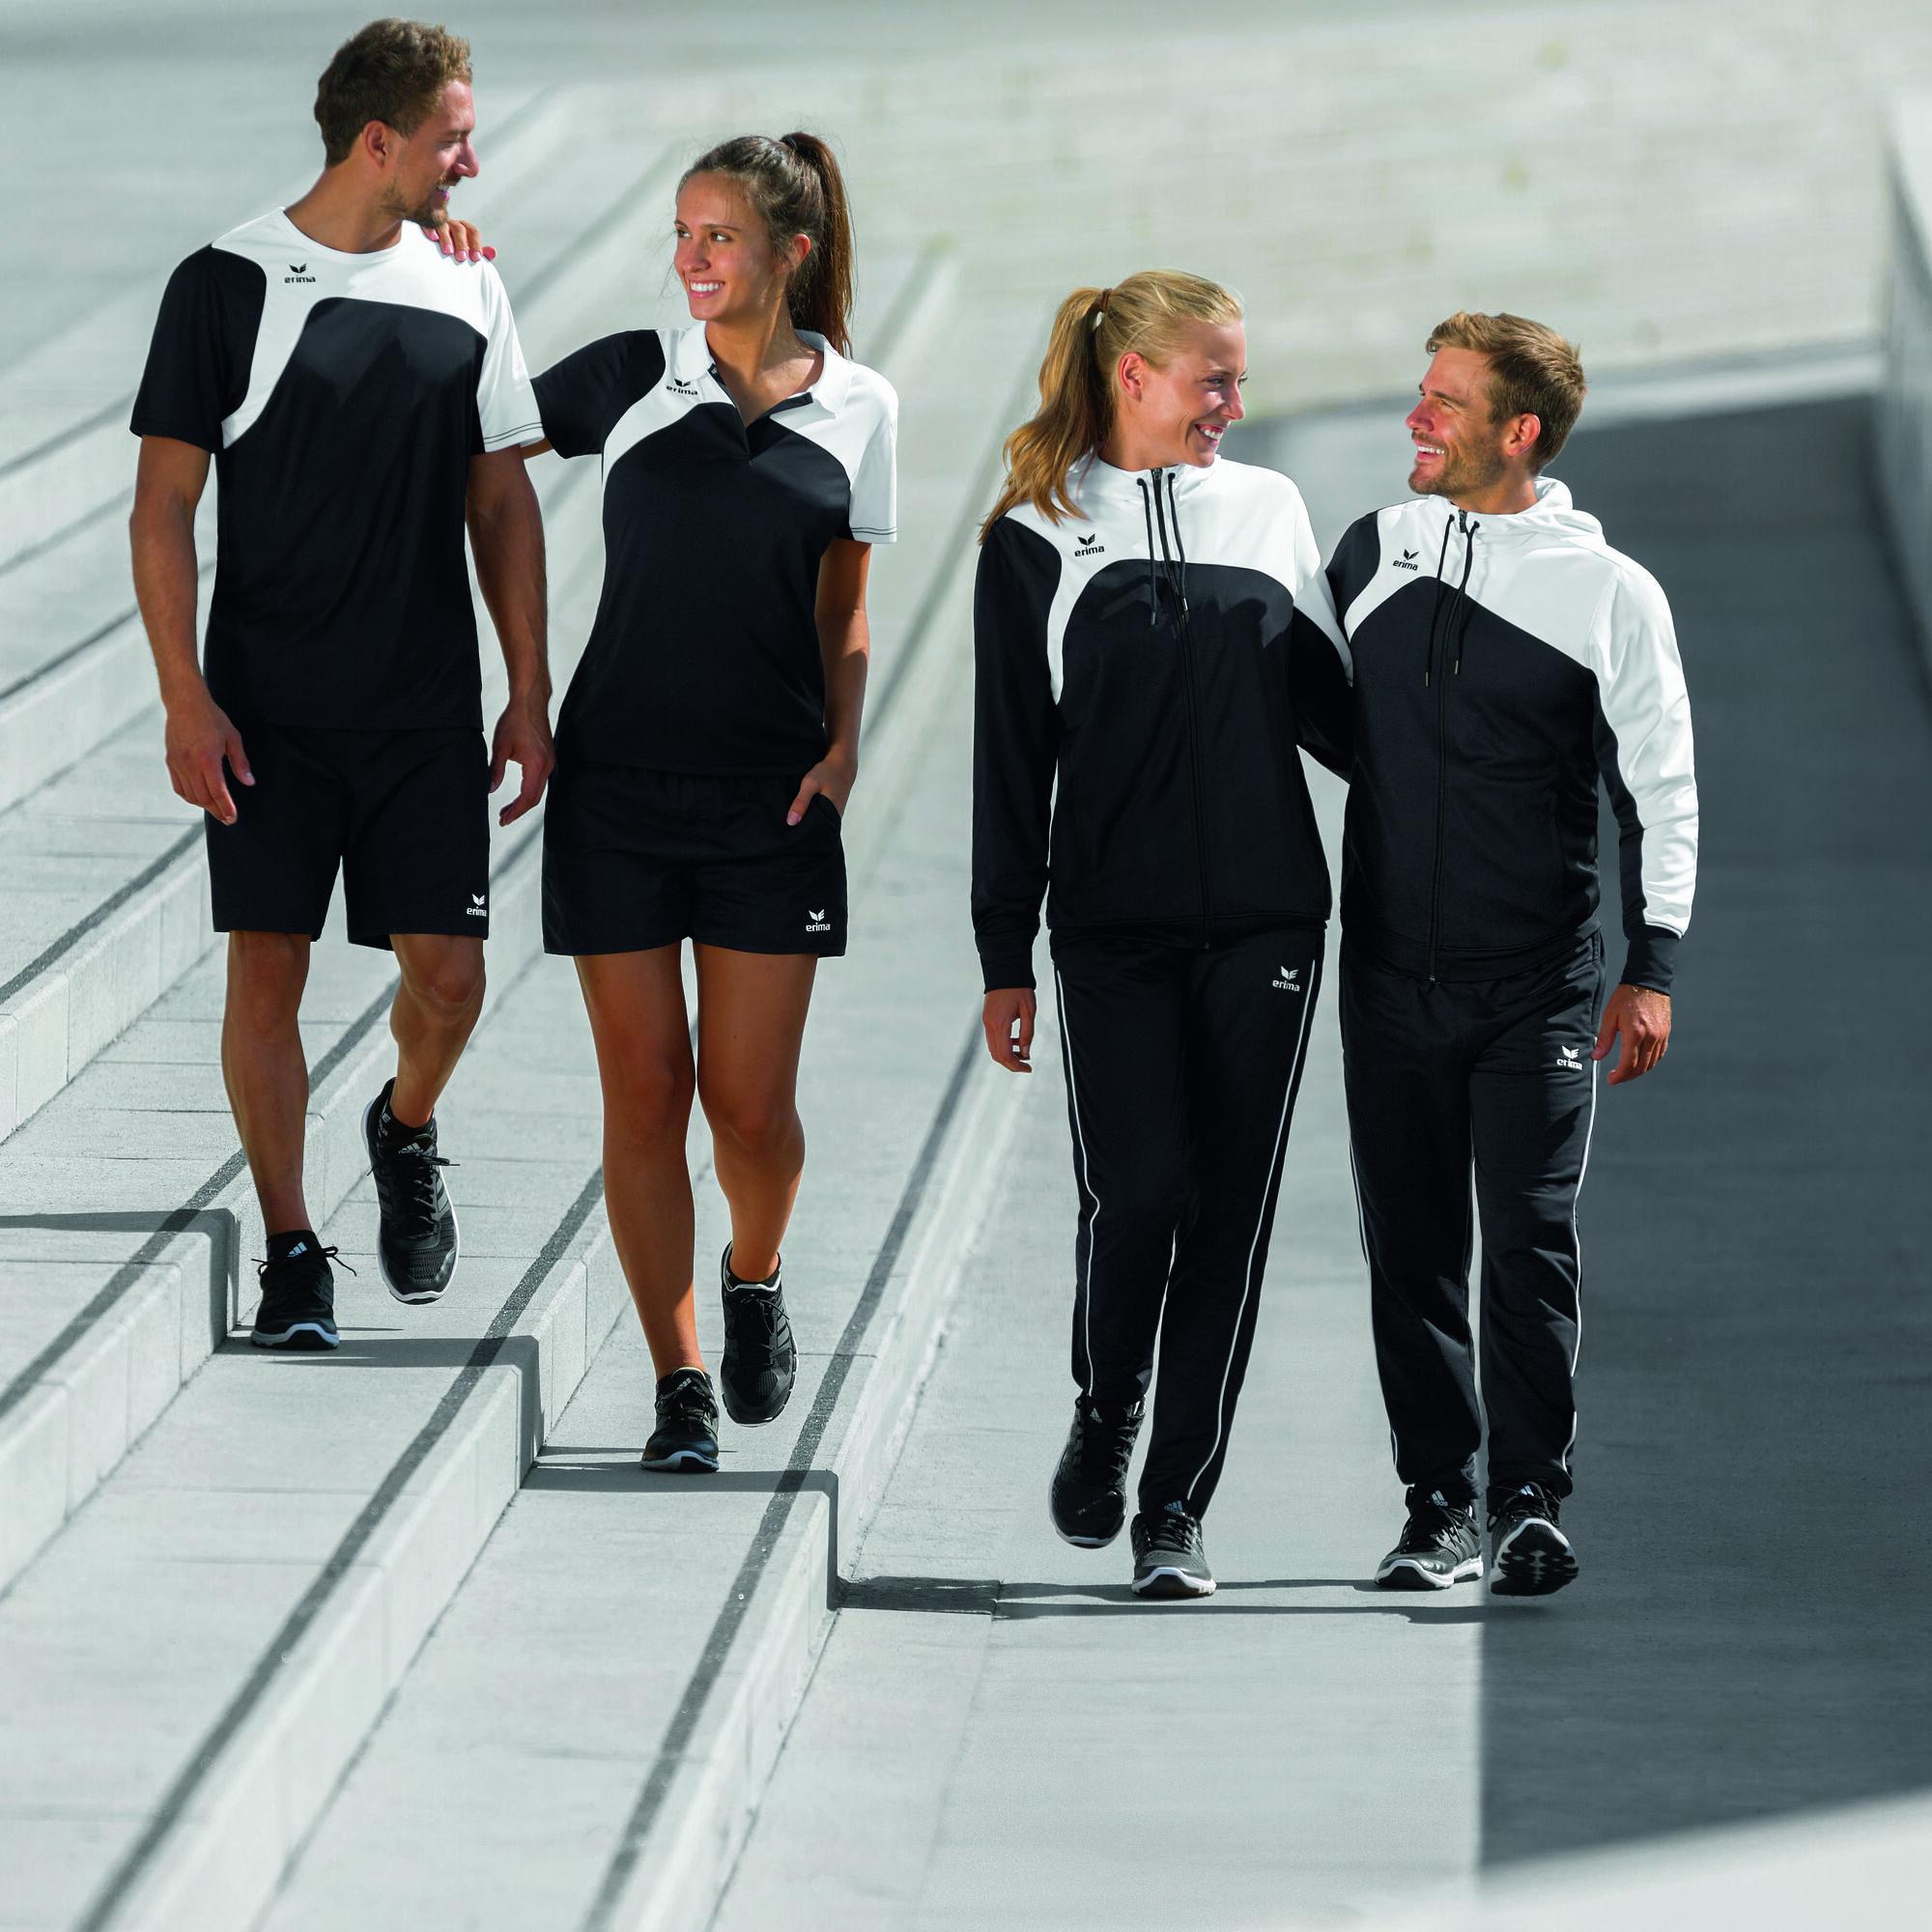 Erima Club 1900 Trainingsjacke Herren - Schwarz, Weiß online kaufen ... cb65714d42